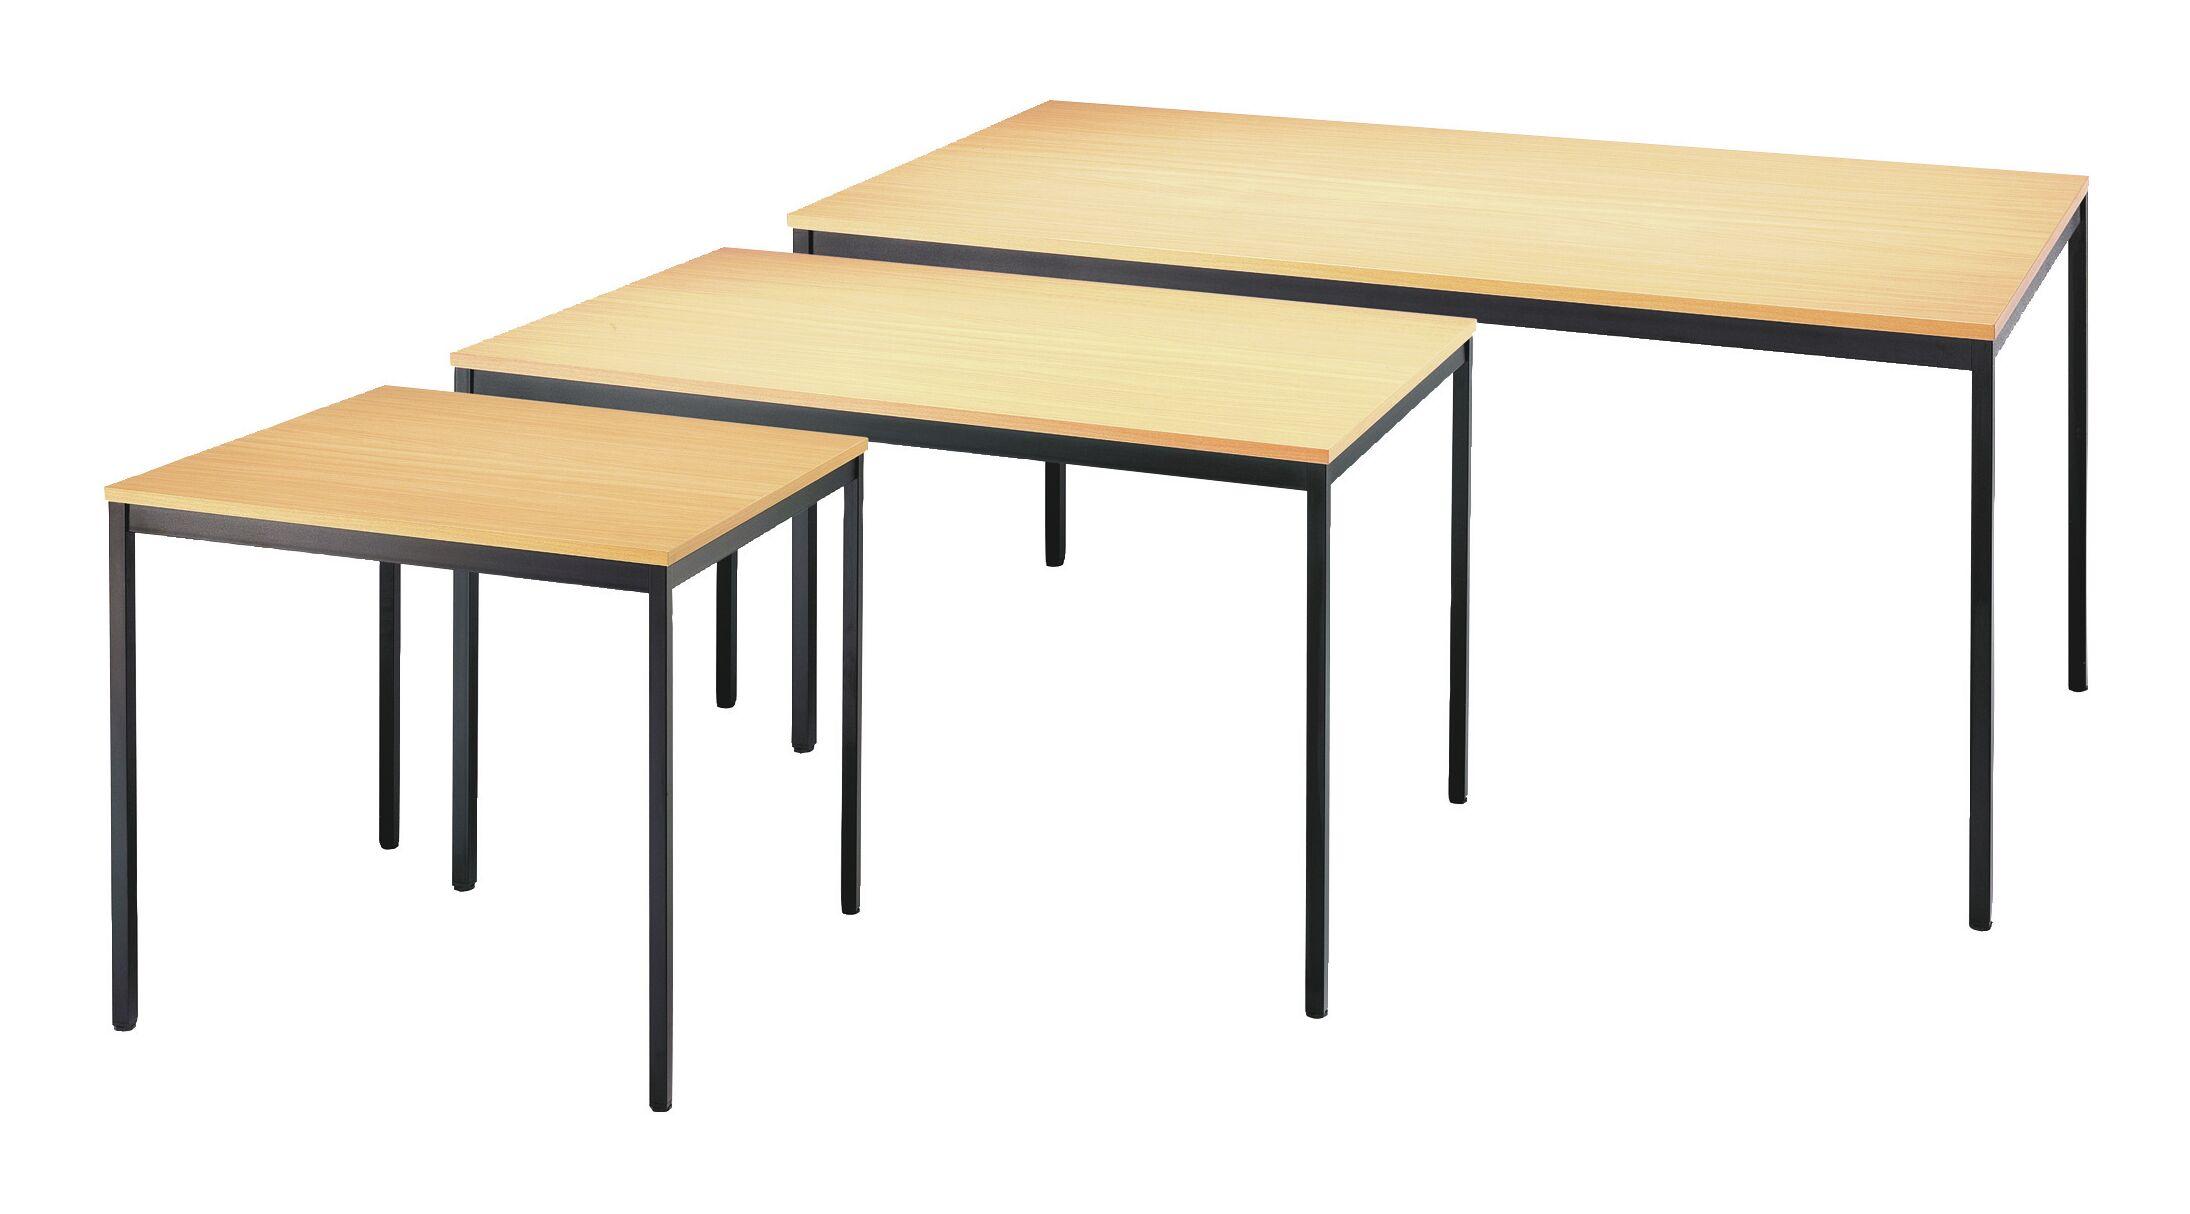 Tisch 1400x800 mm schwarz / Buche - Sim140x80BLBU